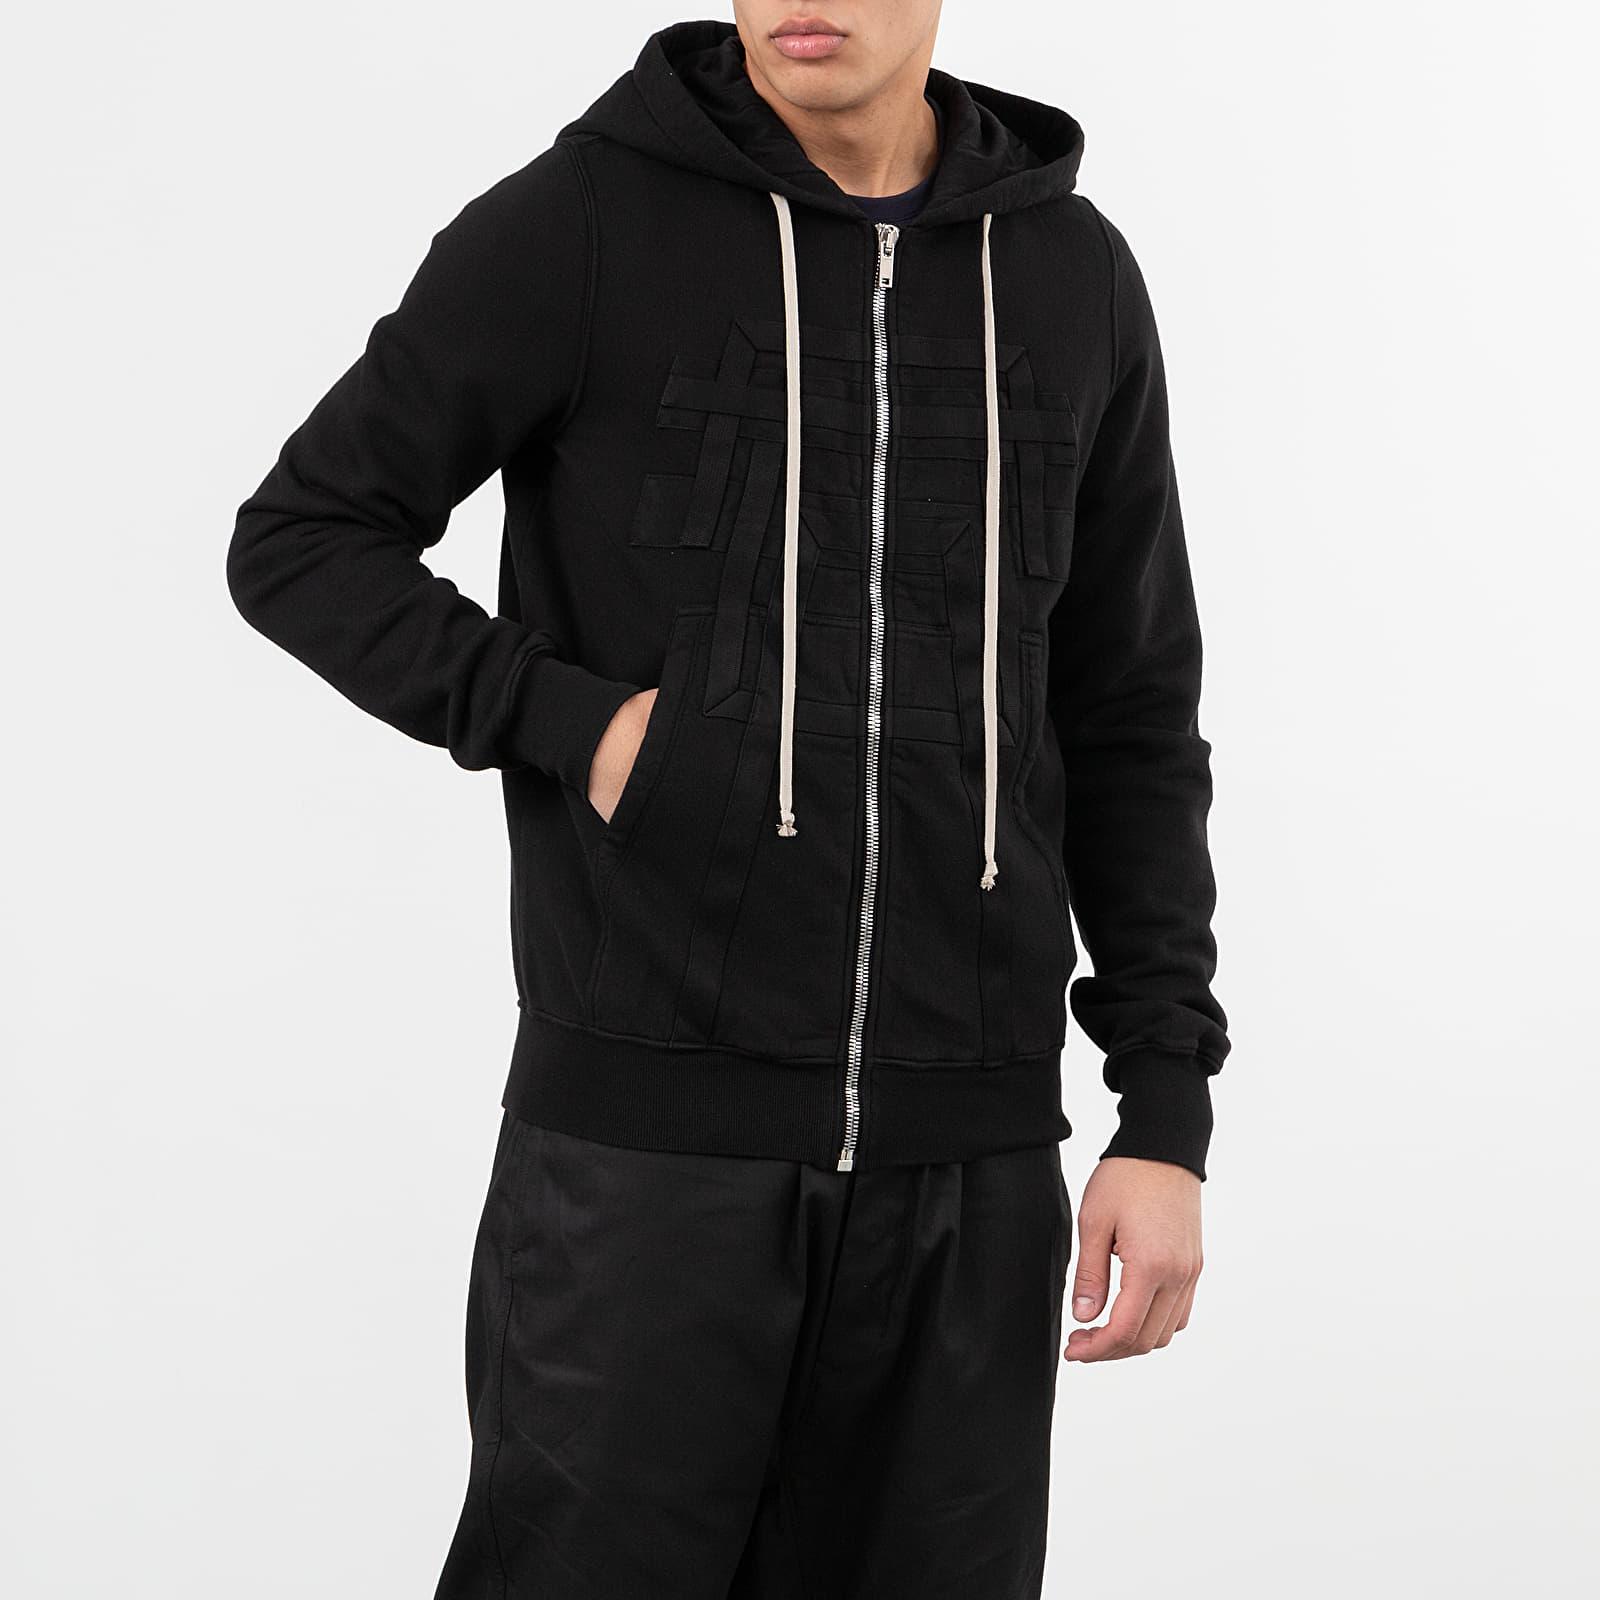 Sweatshirts Rick Owens DRKSHDW Jason's Hoodie Black